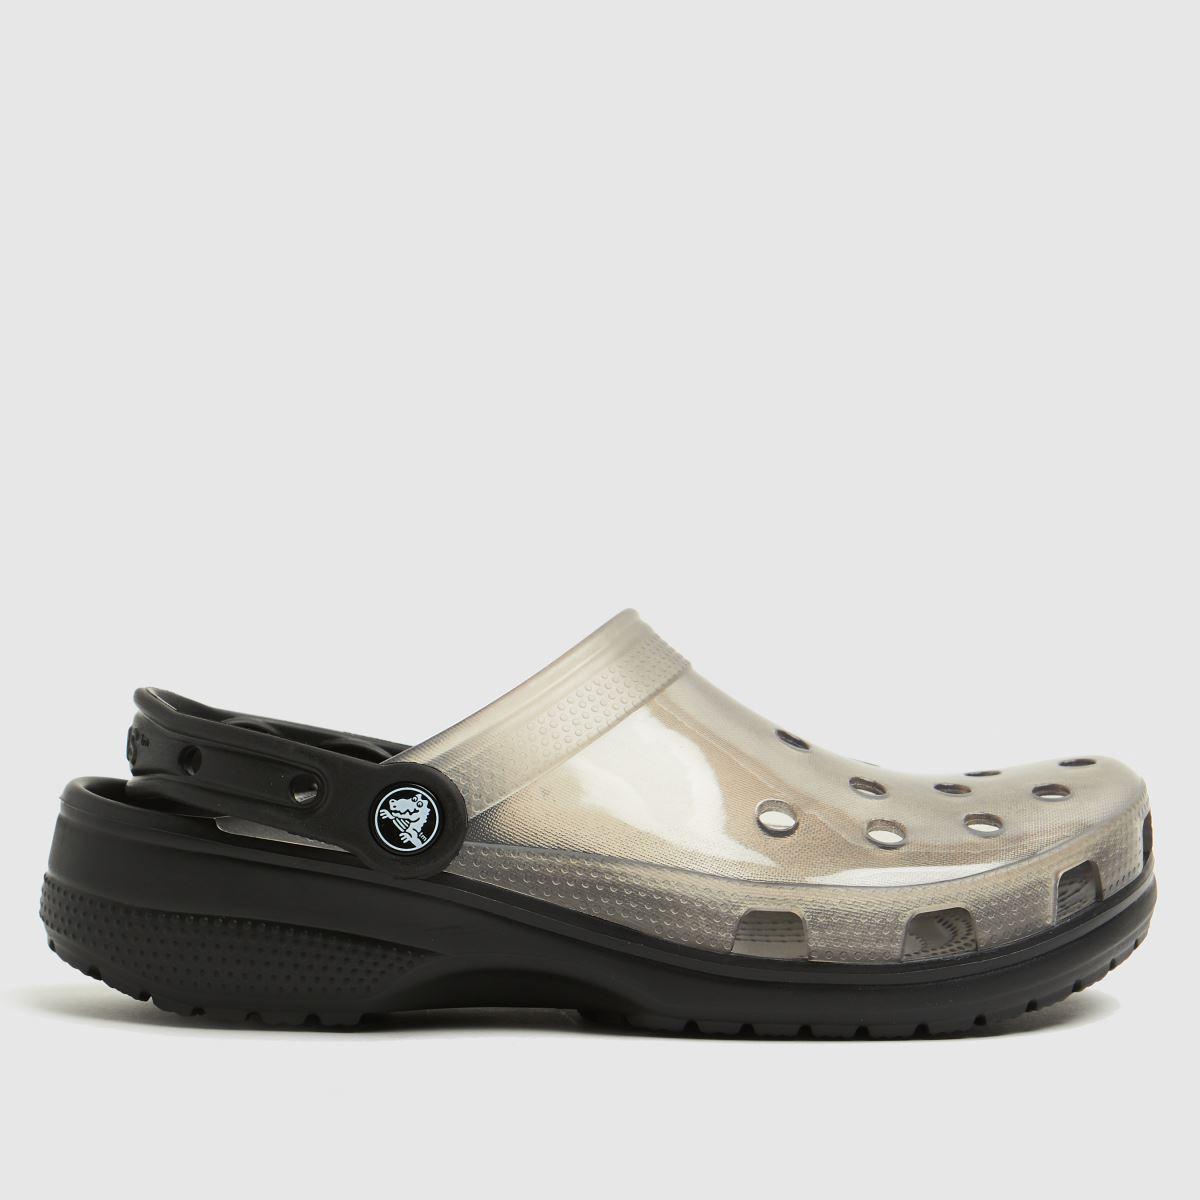 Crocs Black Classic Translucent Clog Sandals